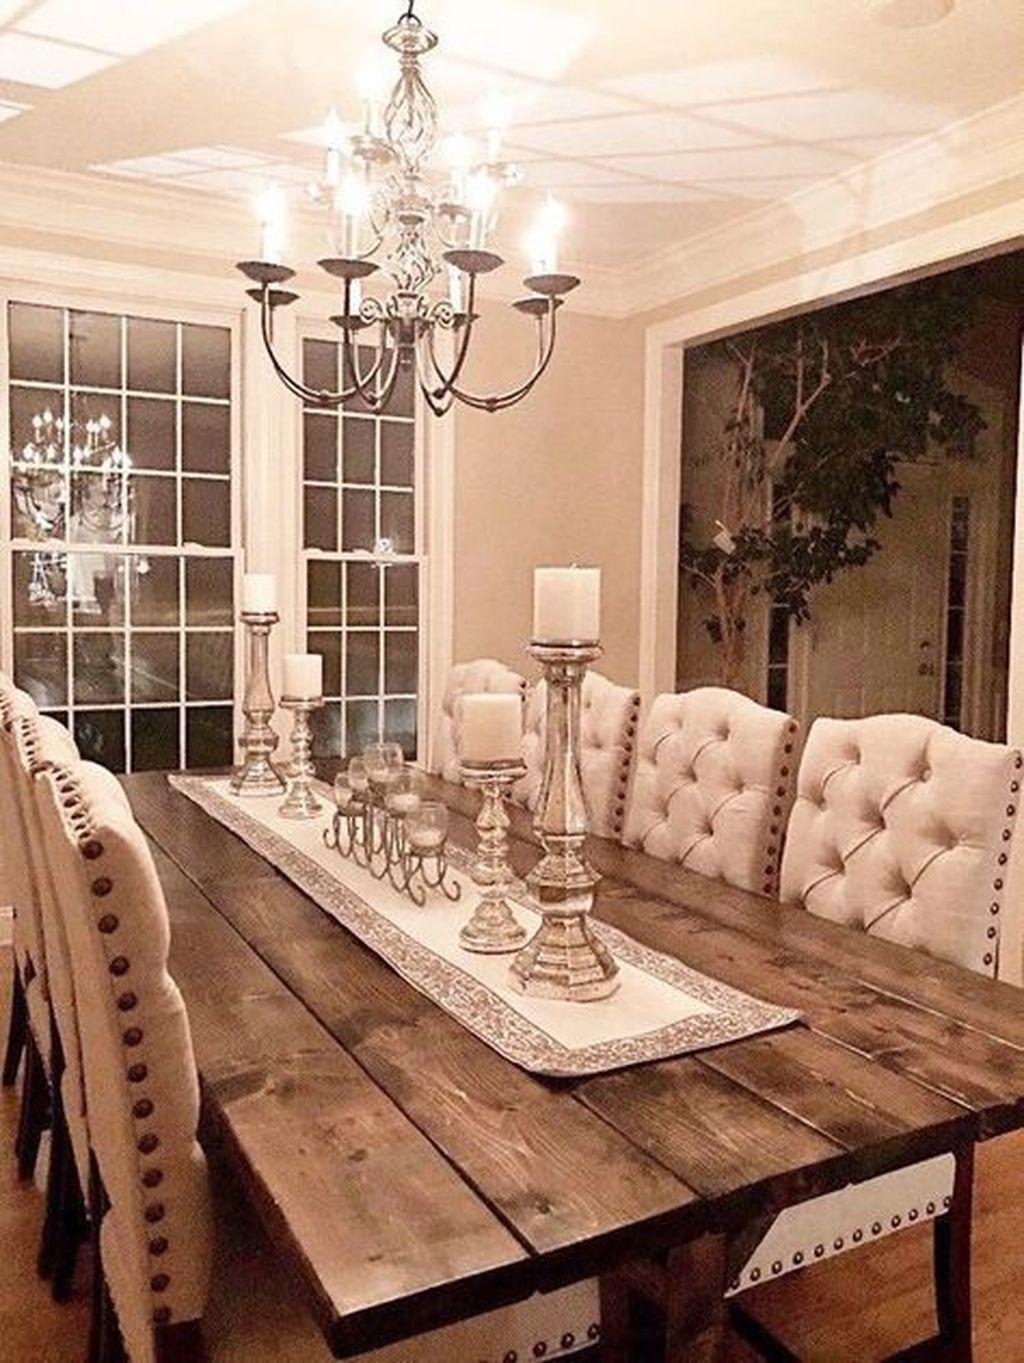 Amazing Rustic Dining Room Design Ideas 30